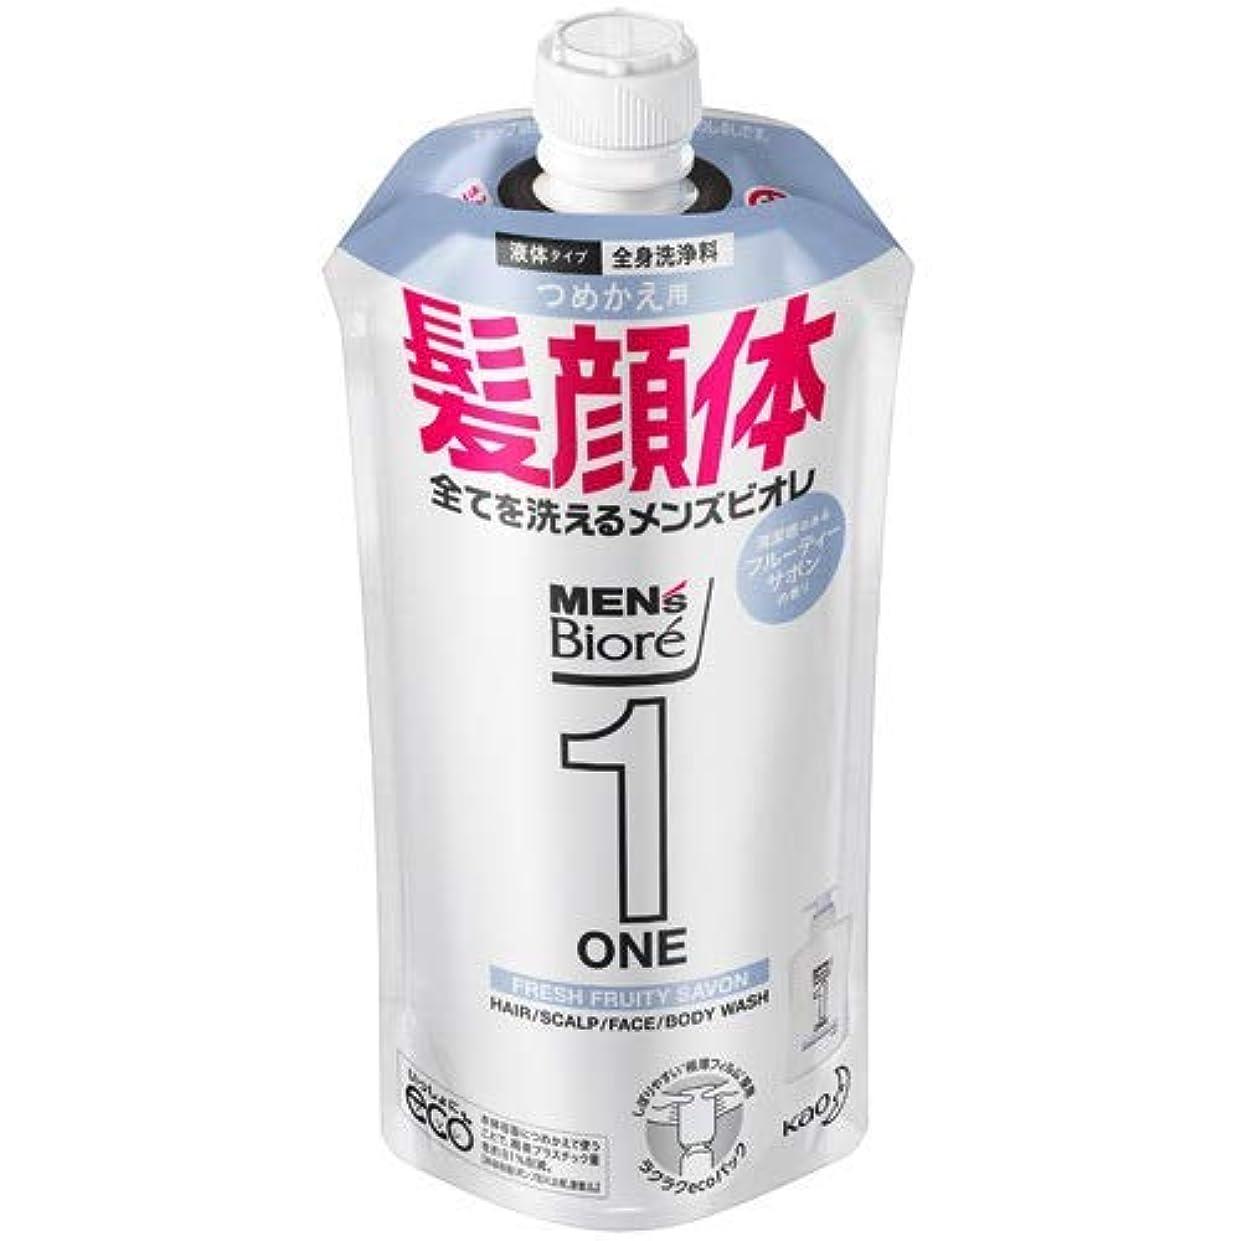 見通し彼女自身安定した【10個セット】メンズビオレONE オールインワン全身洗浄料 清潔感のあるフルーティーサボンの香り つめかえ用 340mL